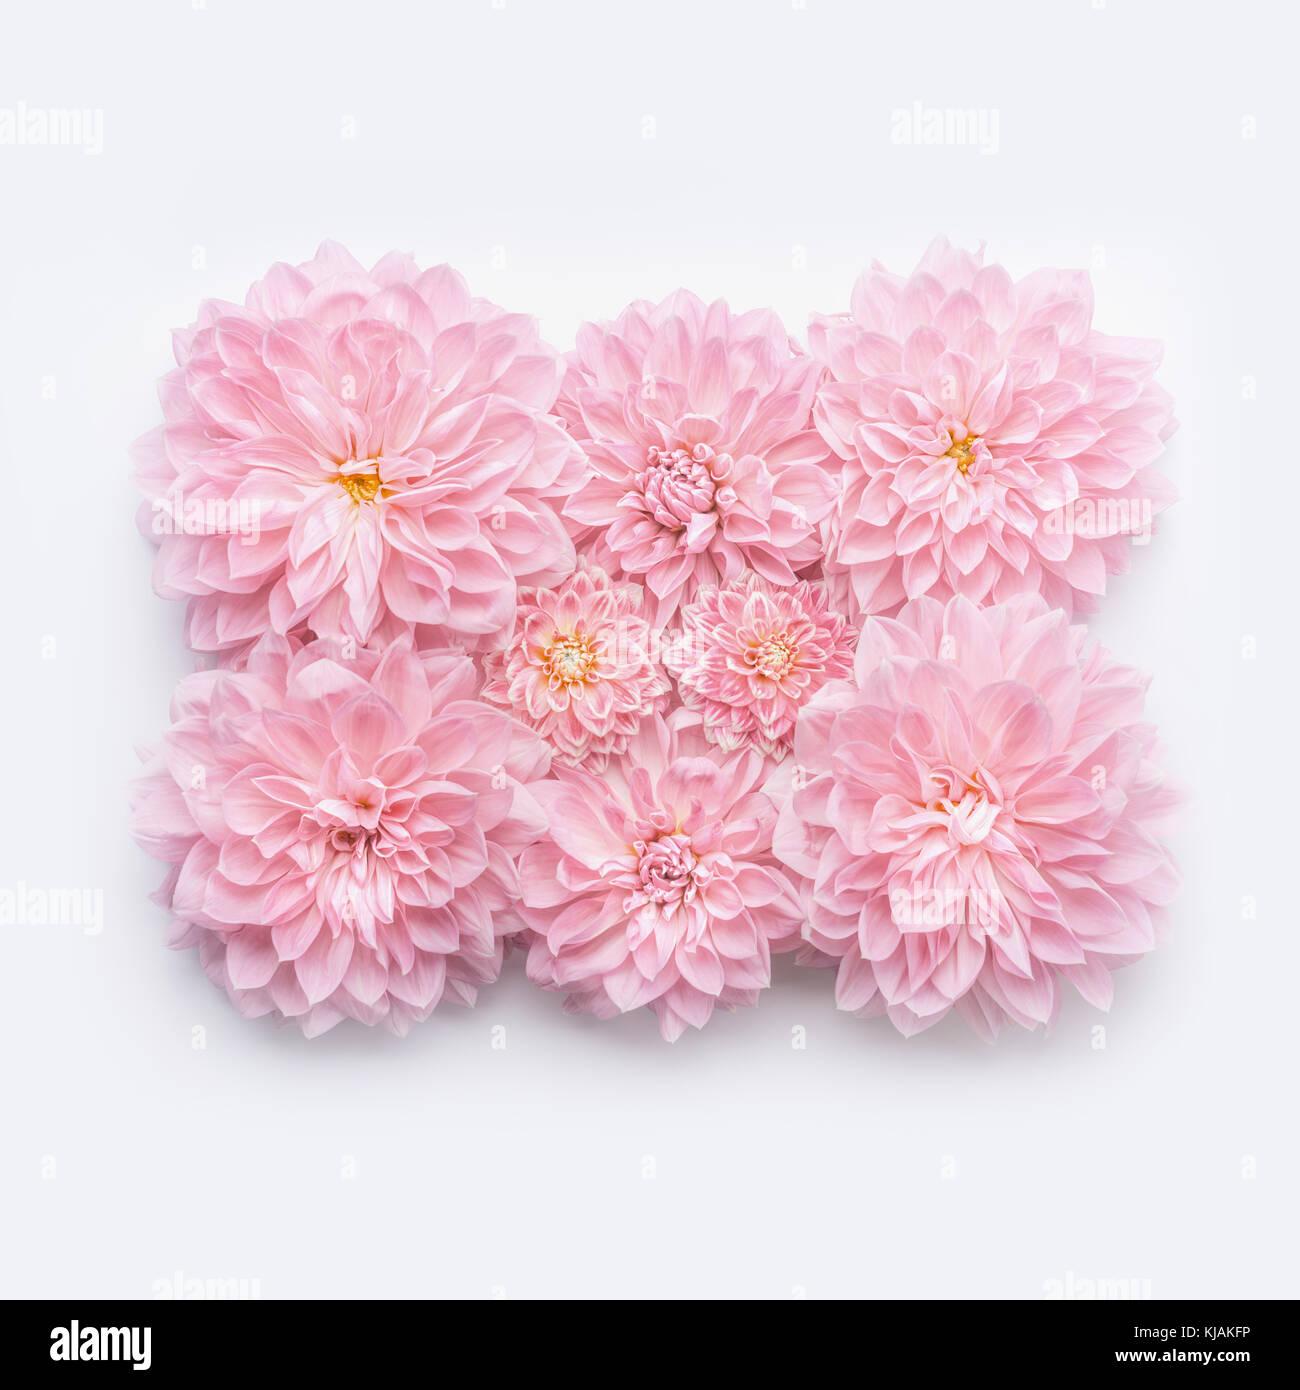 Auguri Per Un Matrimonio Immagini : Creative rosa pastello fiori laici piana vista superiore